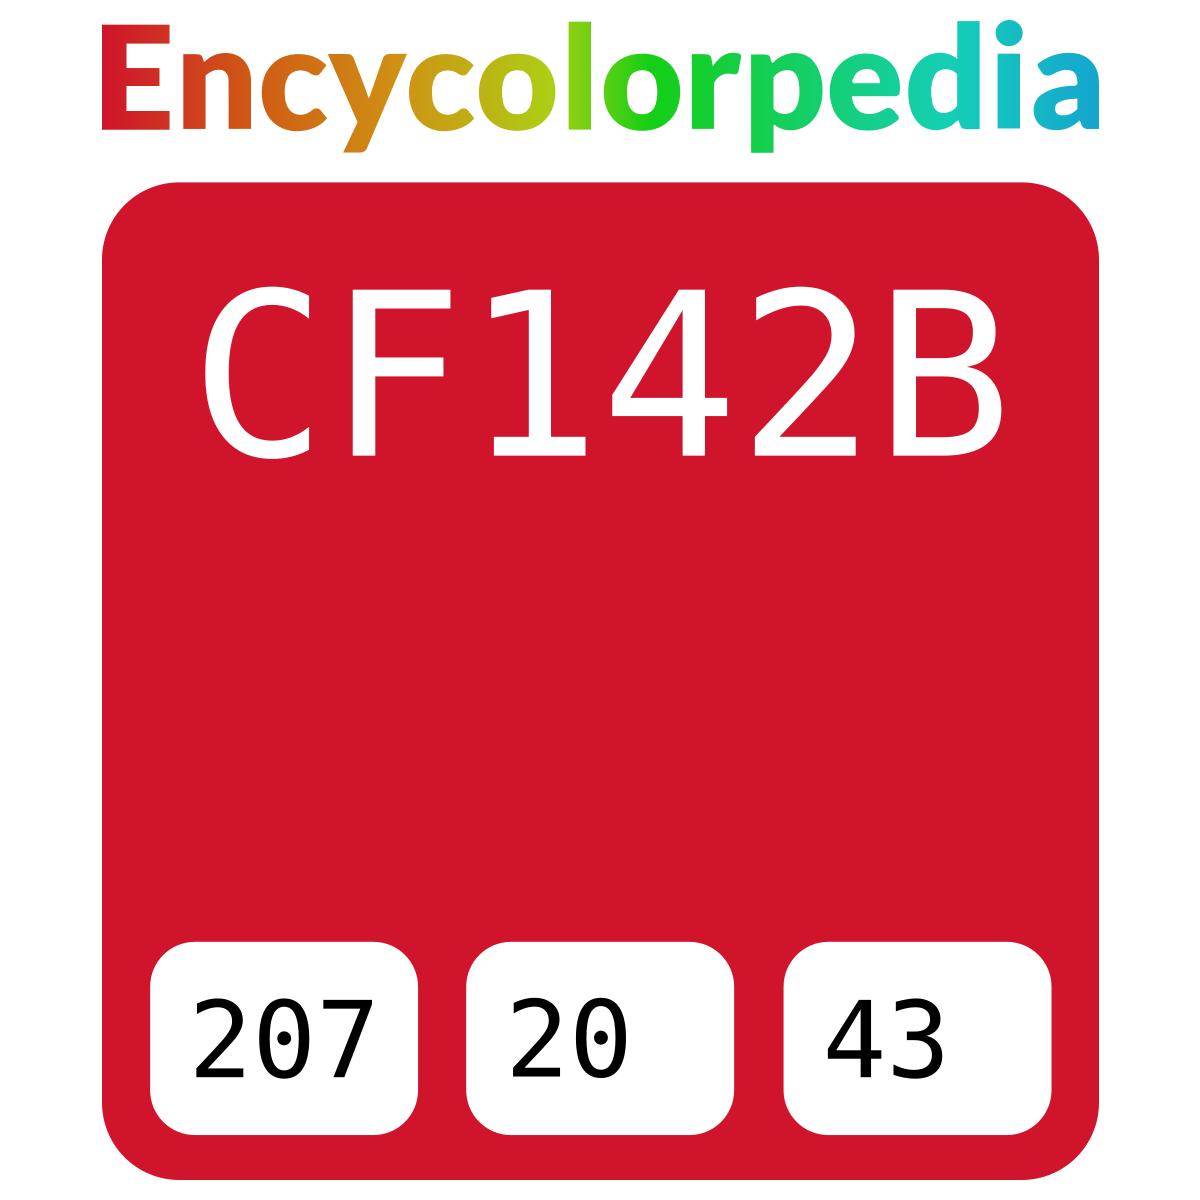 Stop red / Pantone / PMS 186 / #cf142b Hex Color Code